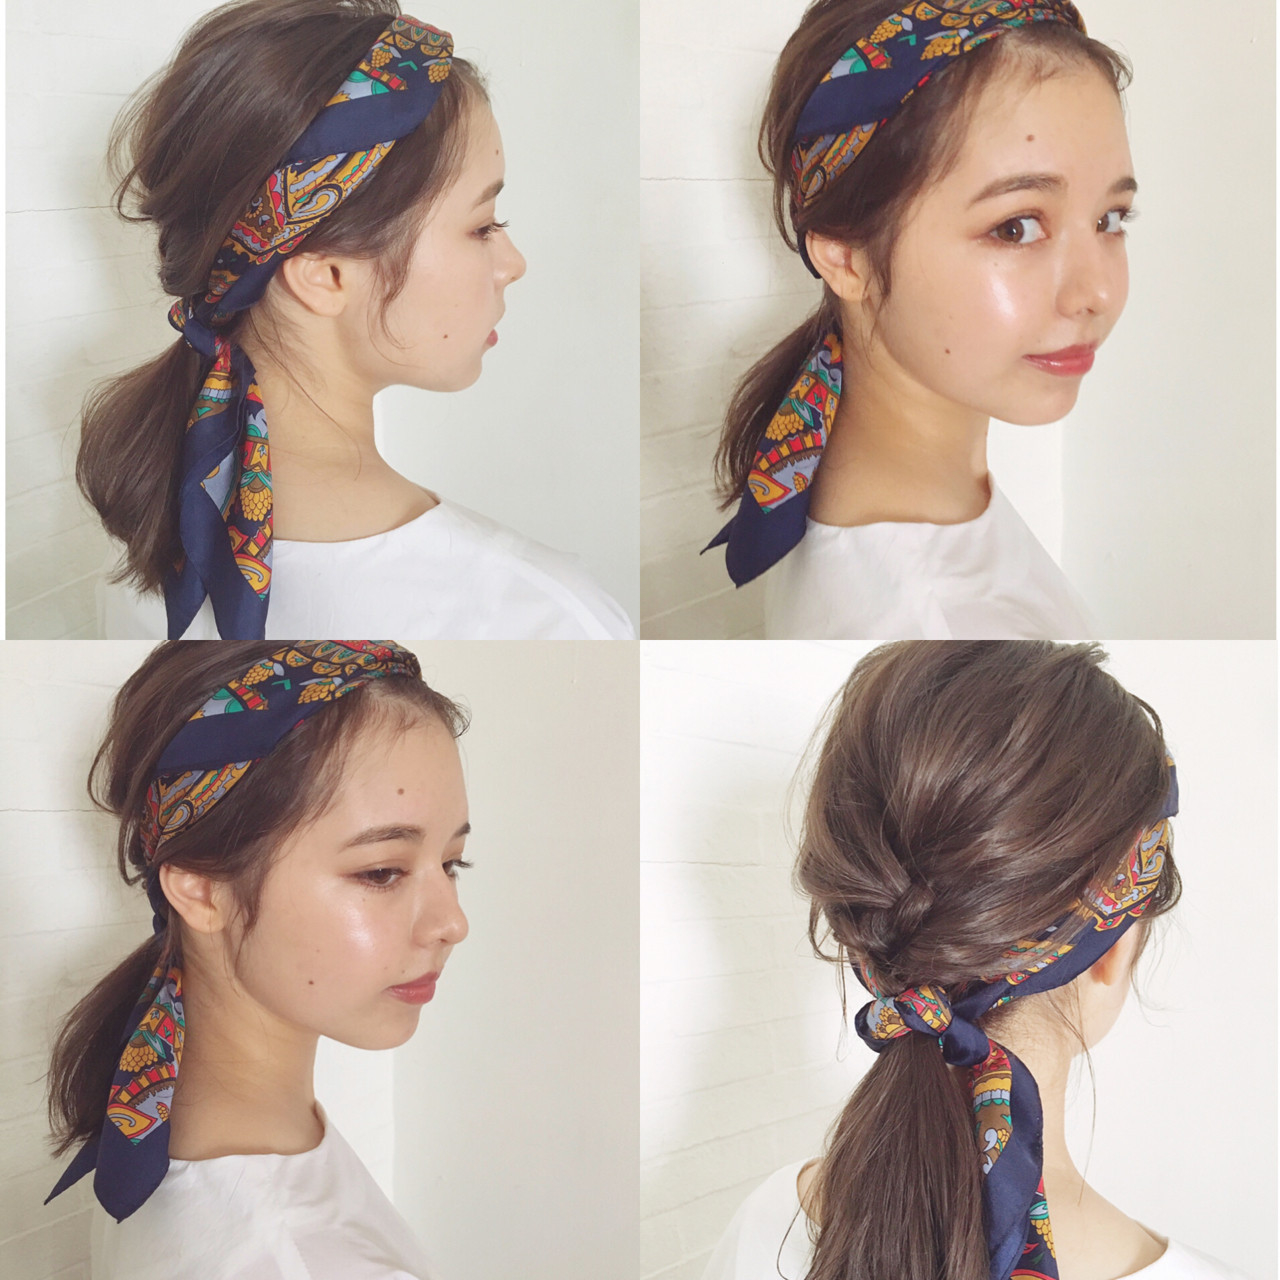 ミディアムヘア×スカーフ